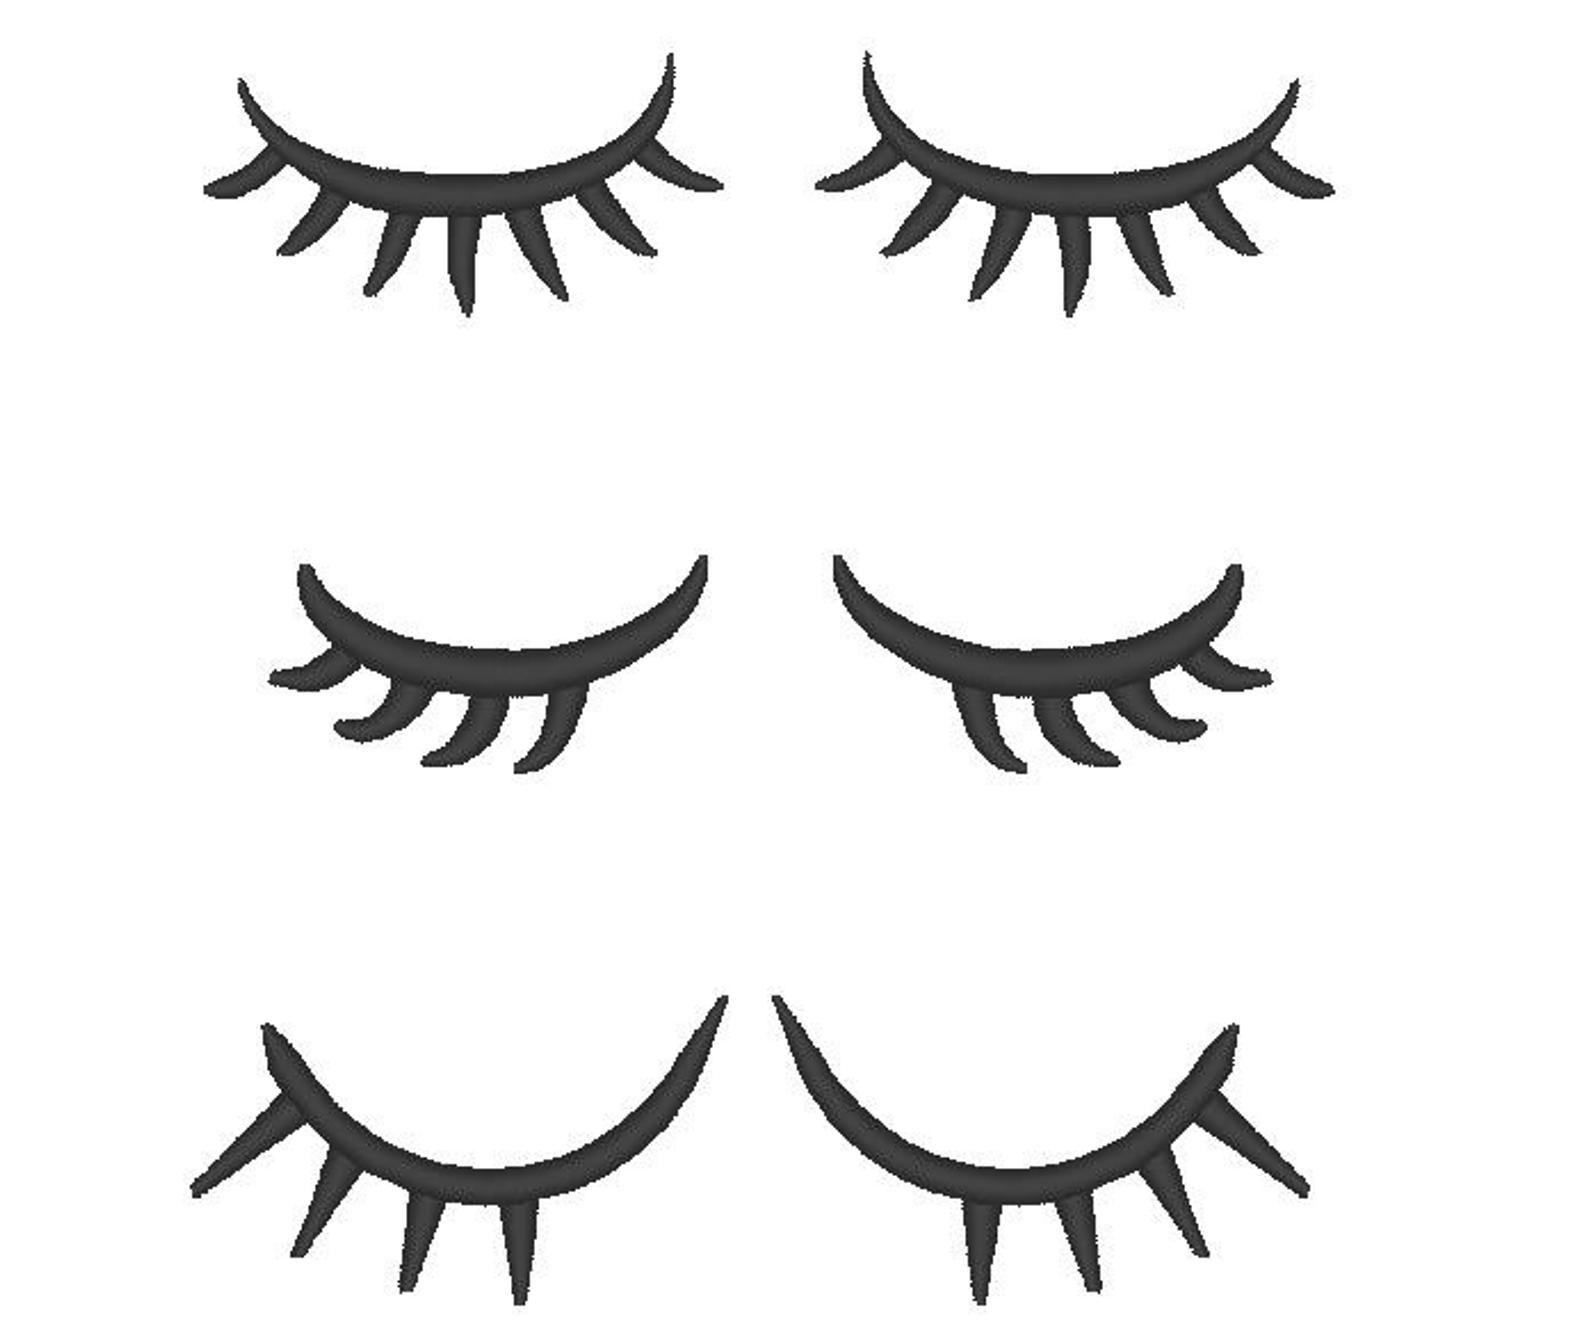 Eyelashes clipart embroidered. Blinking eyes with lashes